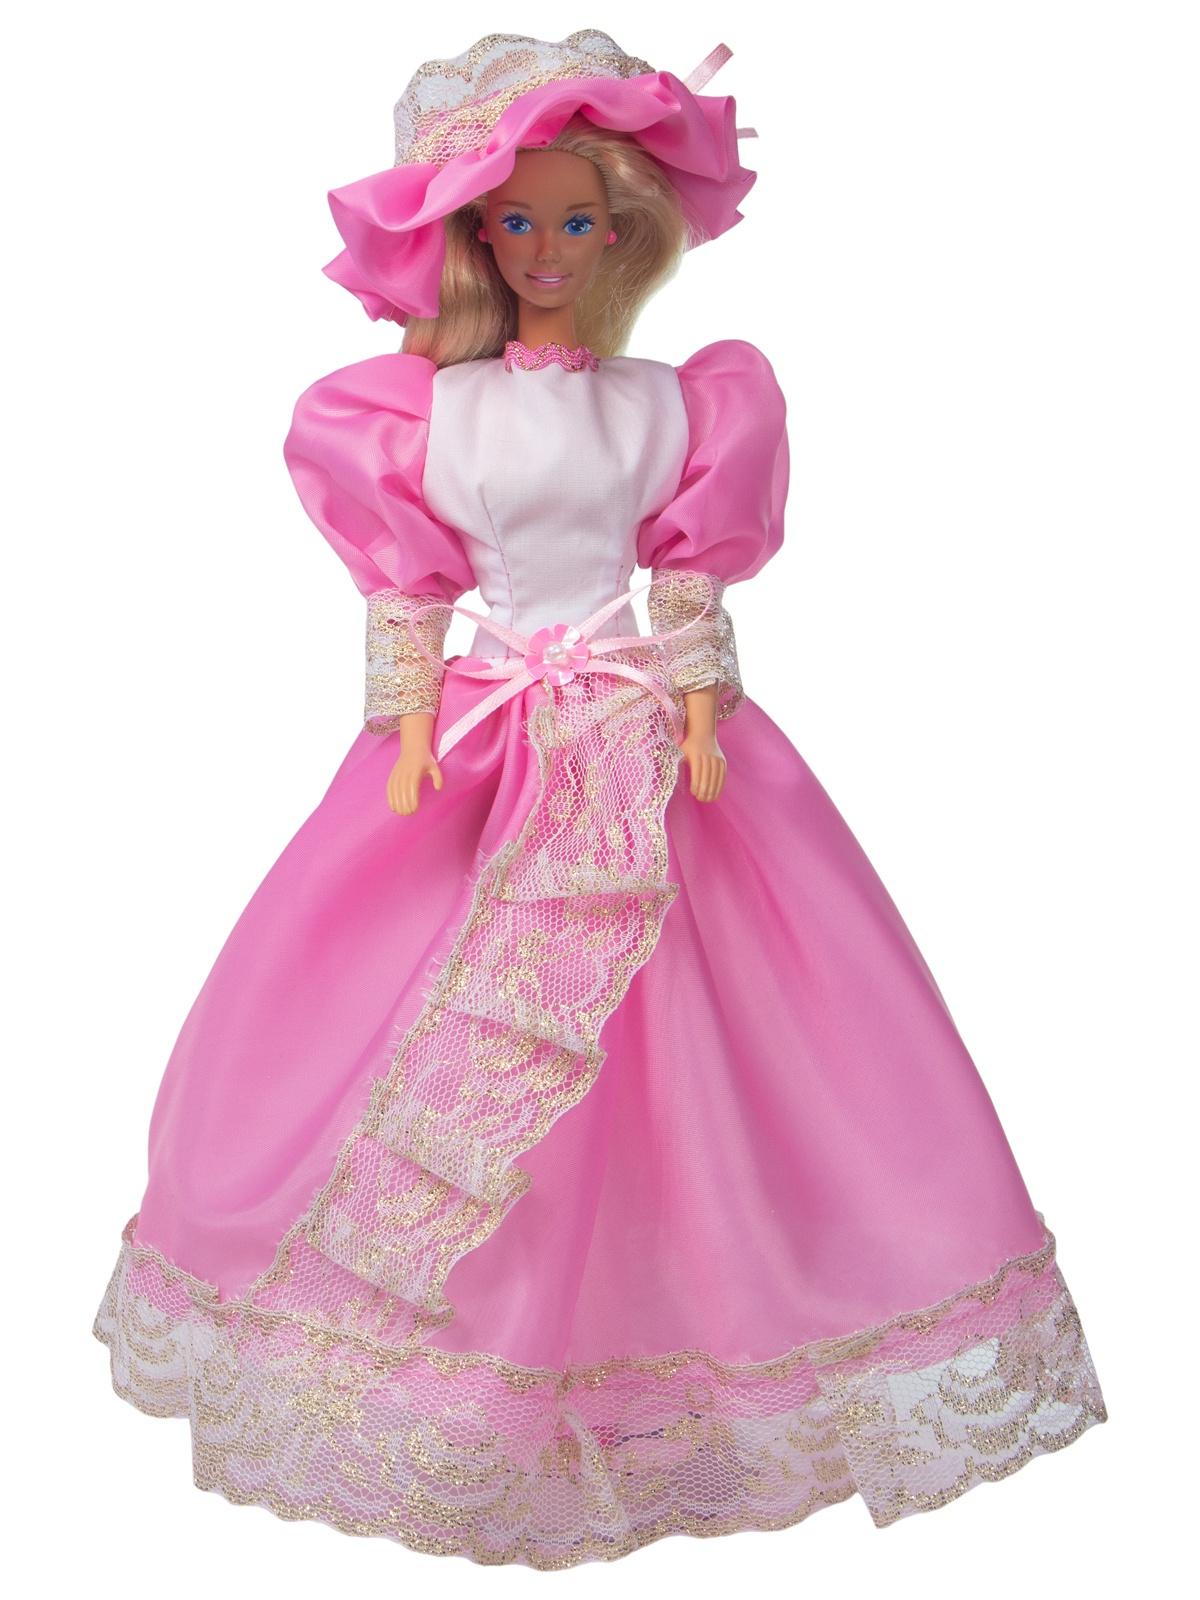 Одежда для кукол Модница Бальное платье для куклы 29 см розовый, белый стоимость